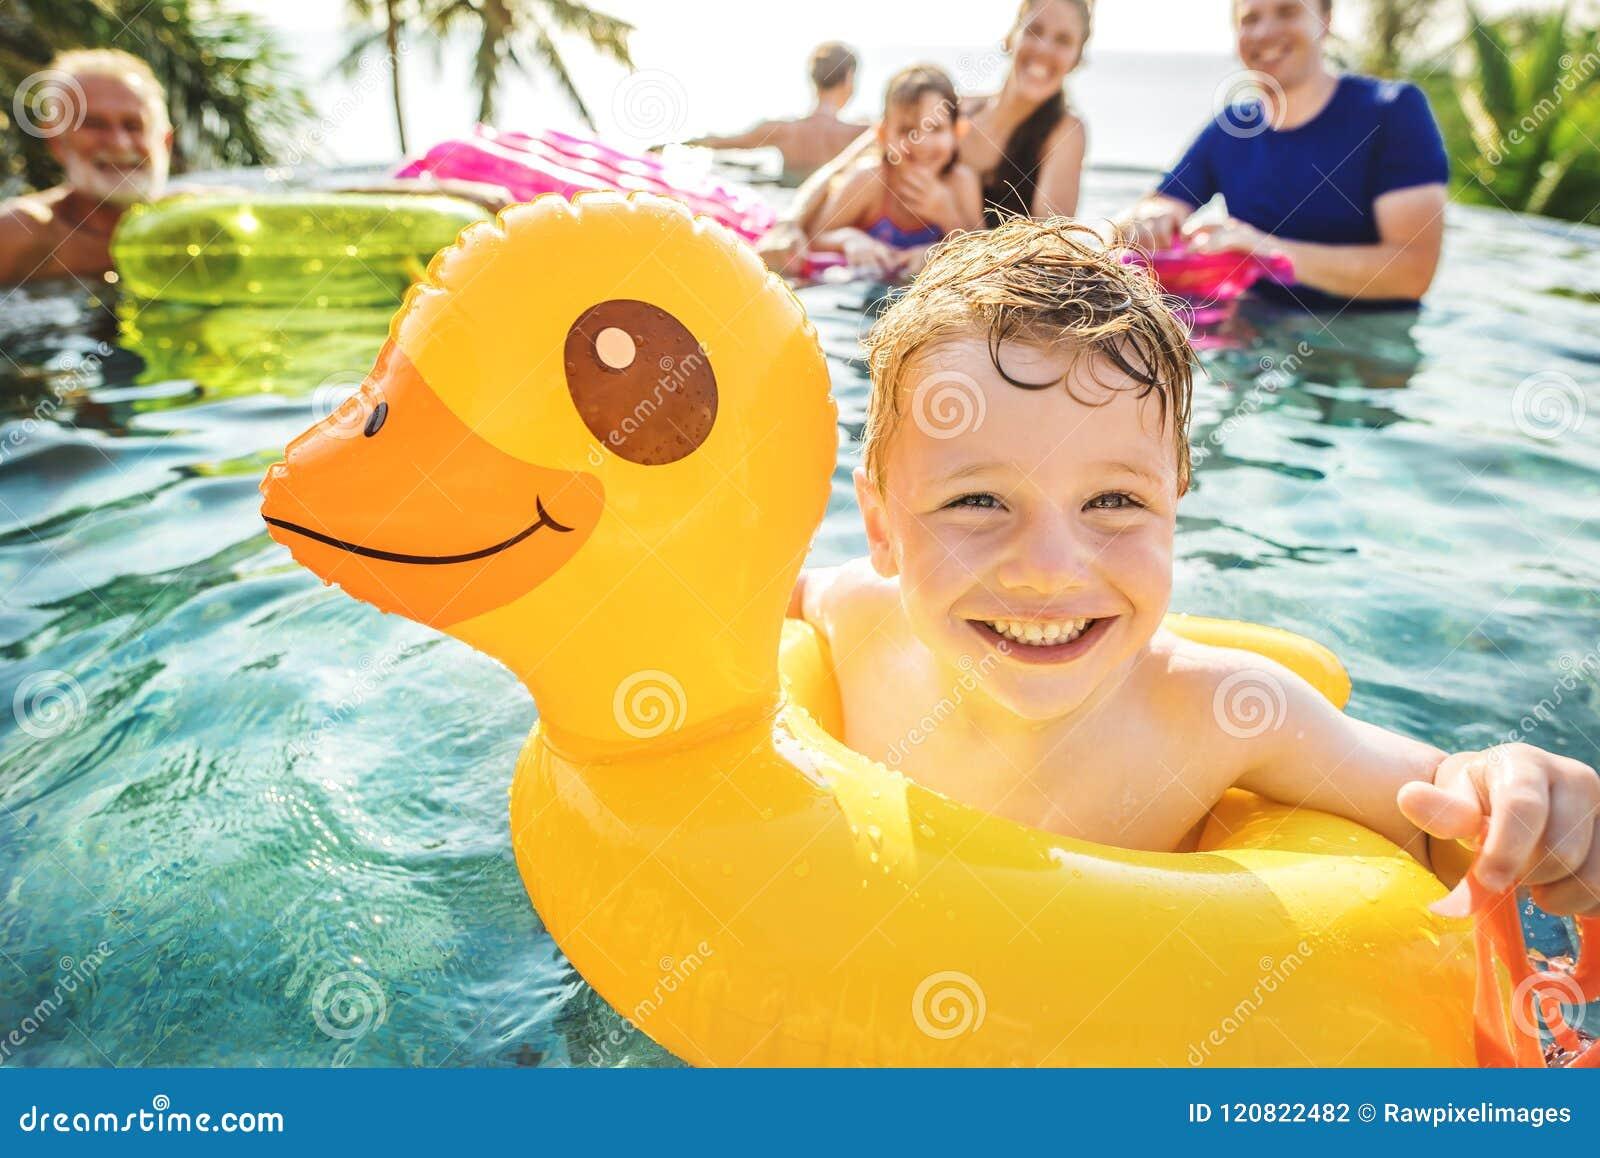 Заплывание мальчика в бассейне с семьей